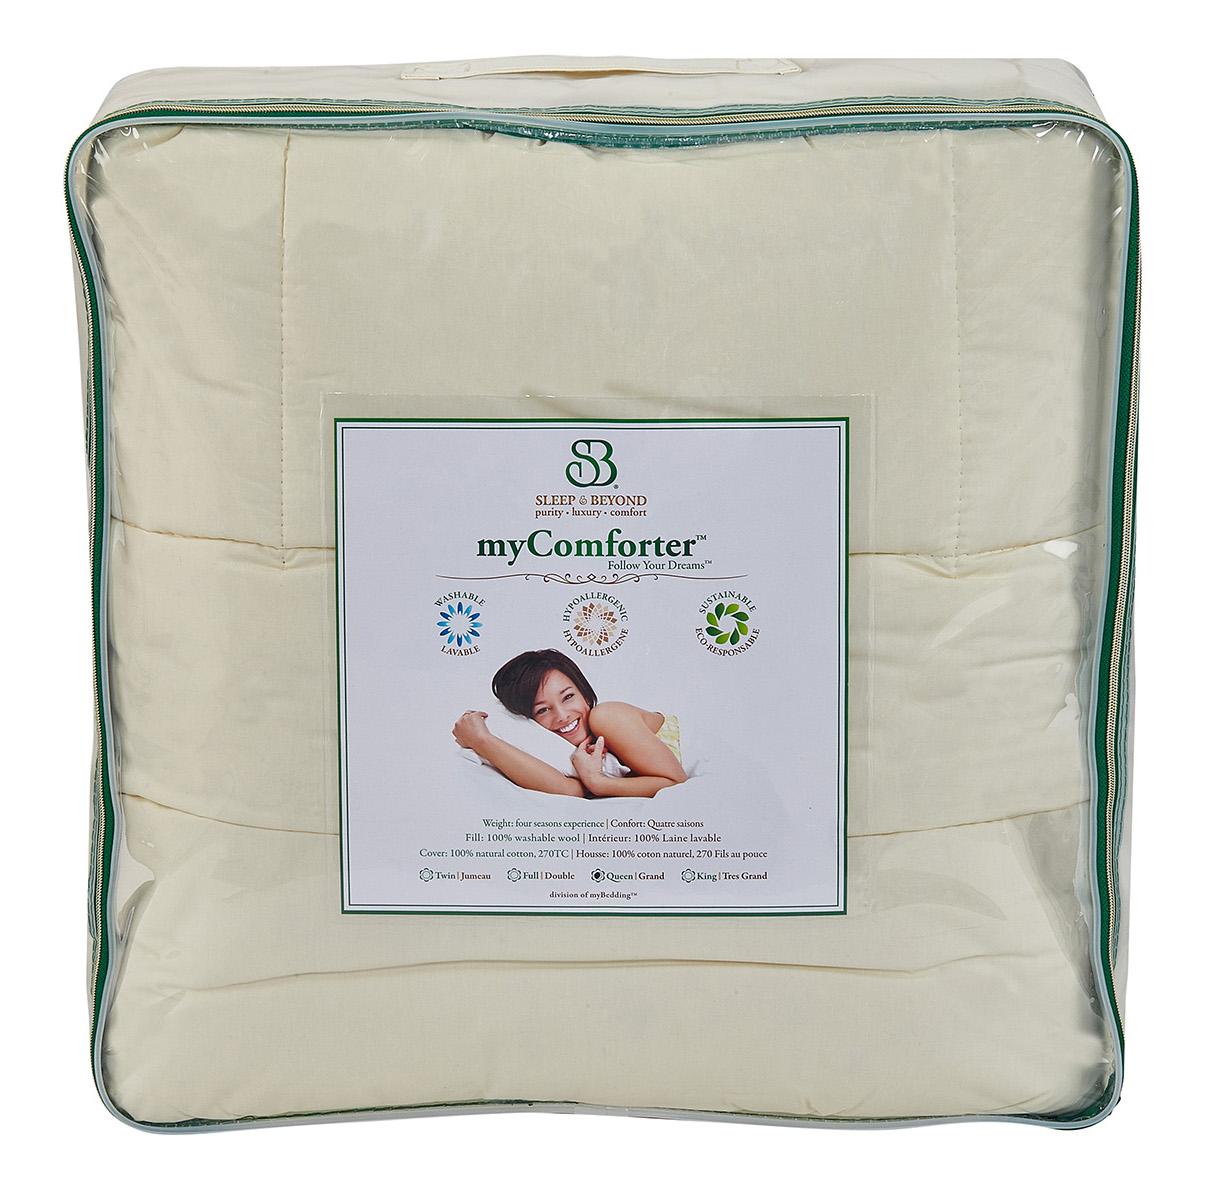 sleep & beyond wool my comforter